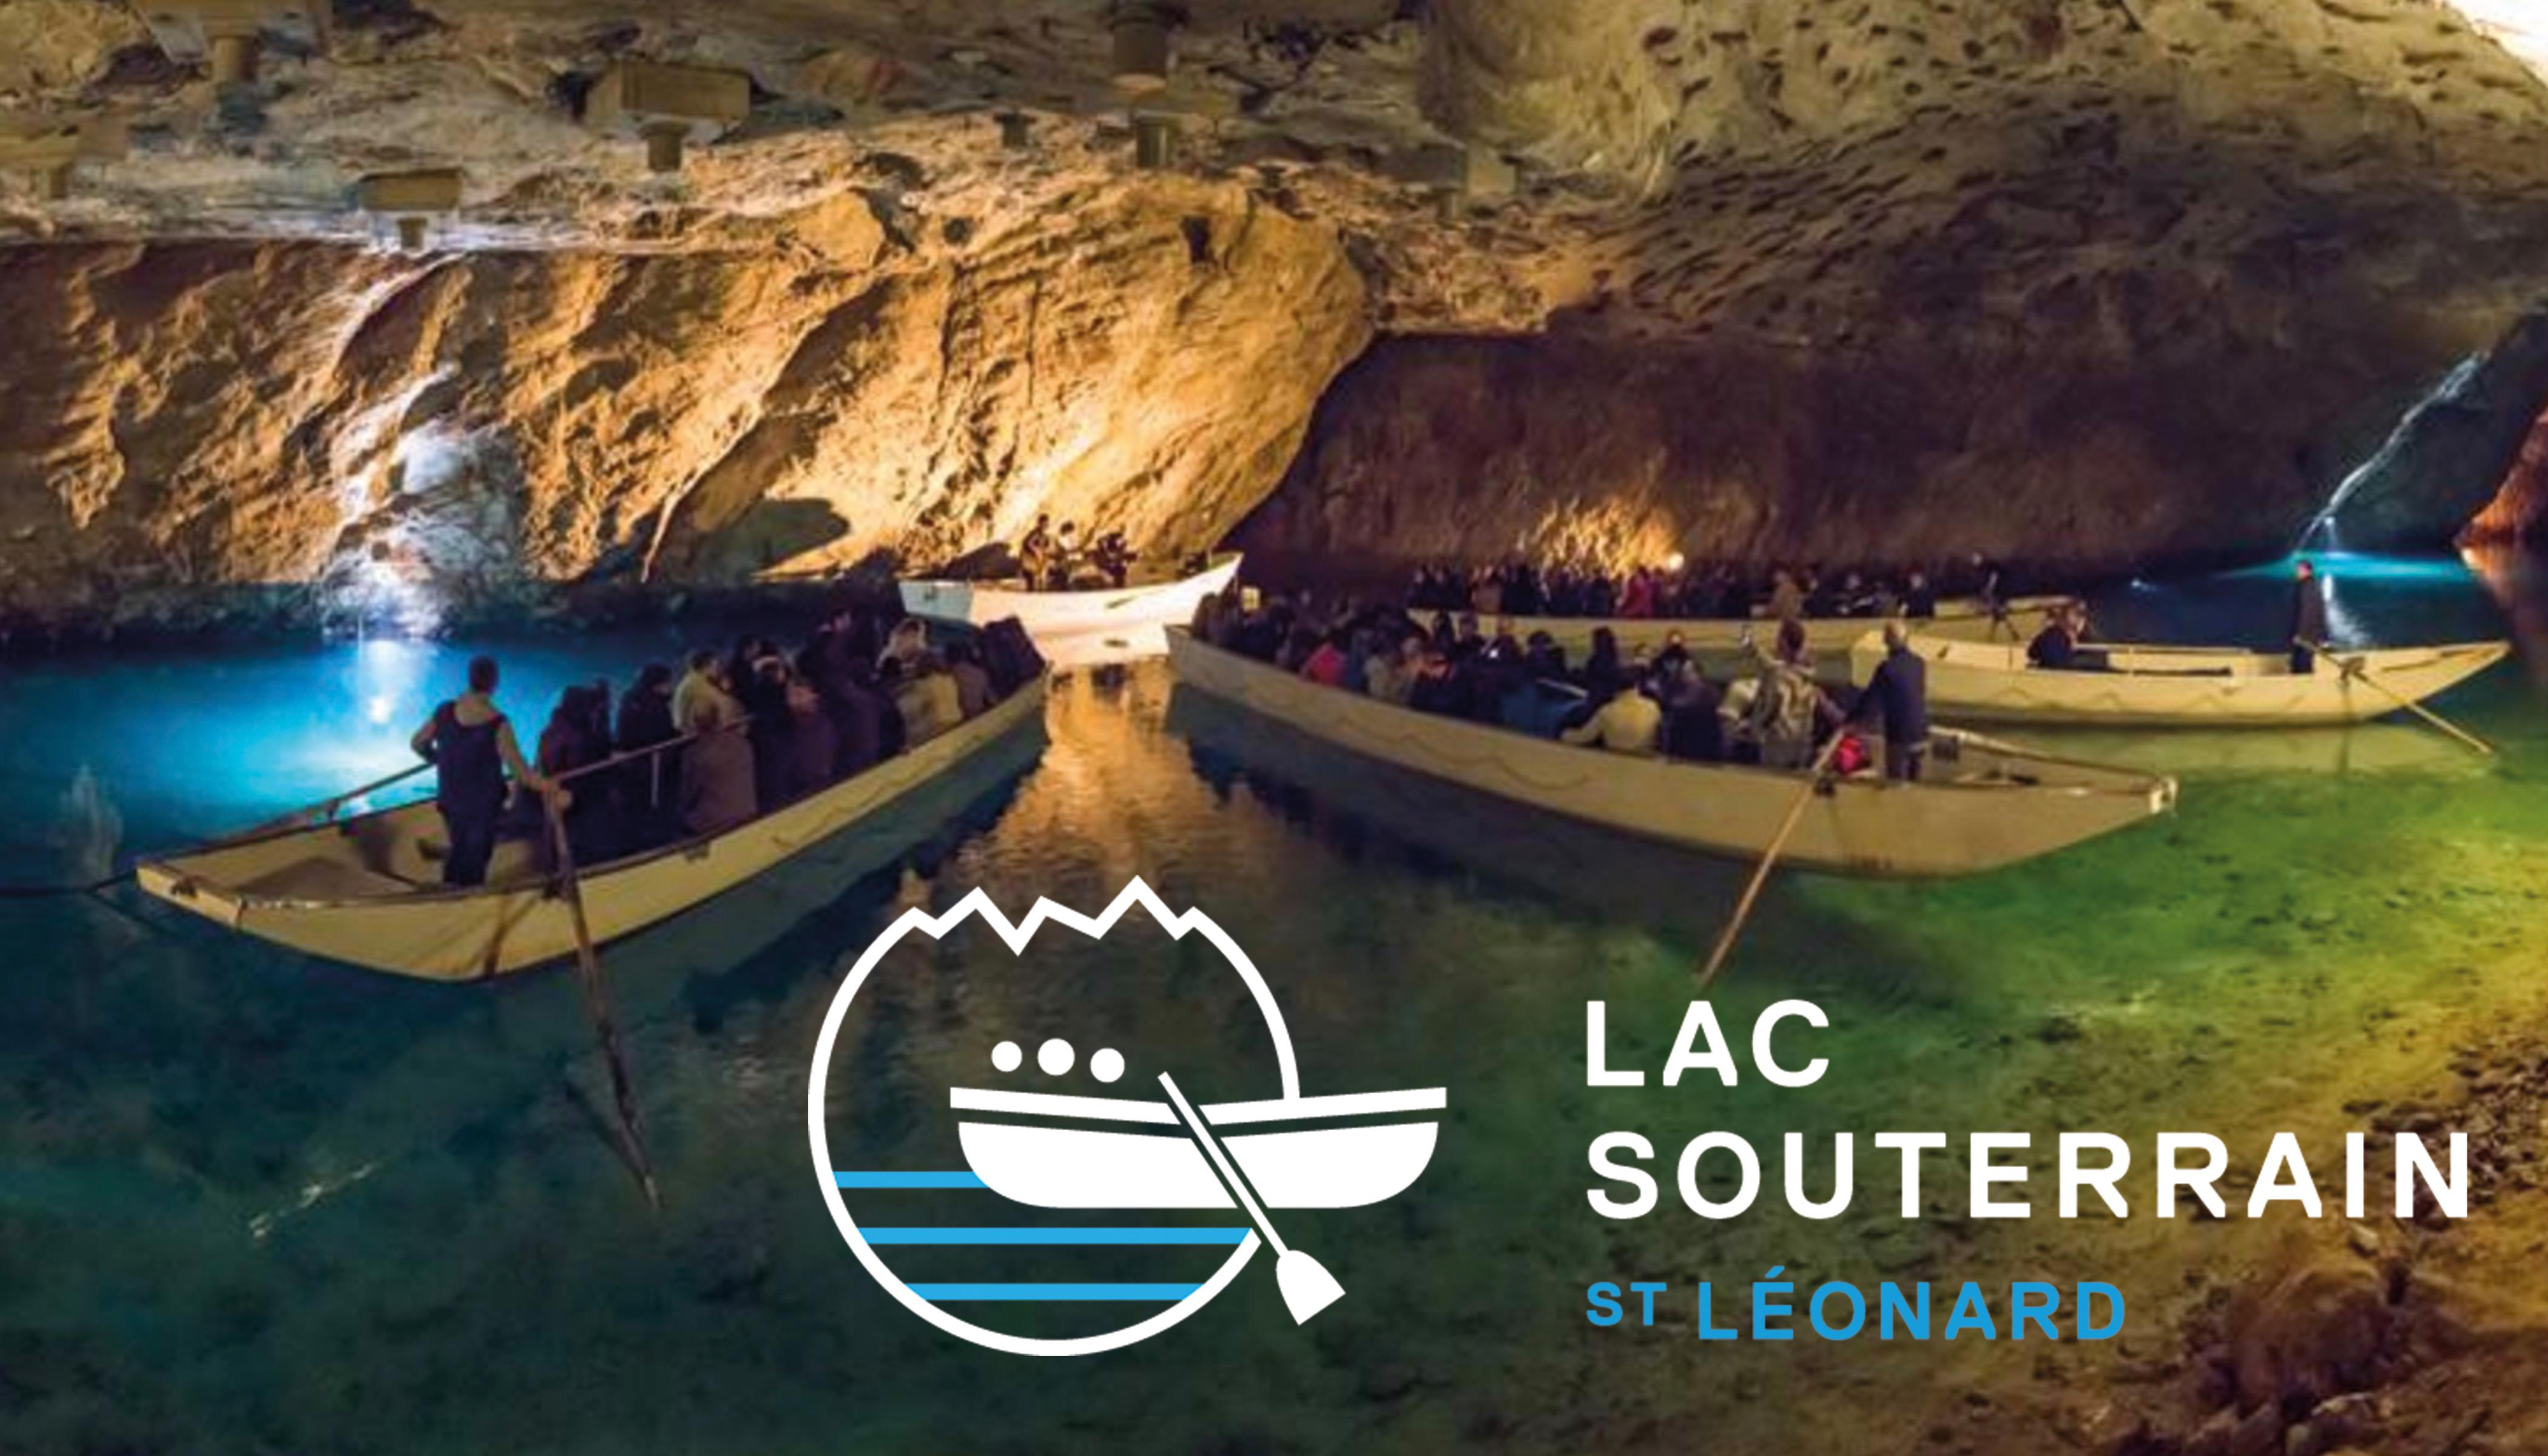 Visite guidée du lac souterrain de St-Léonard avec planchette valaisanne pour 2 personnes